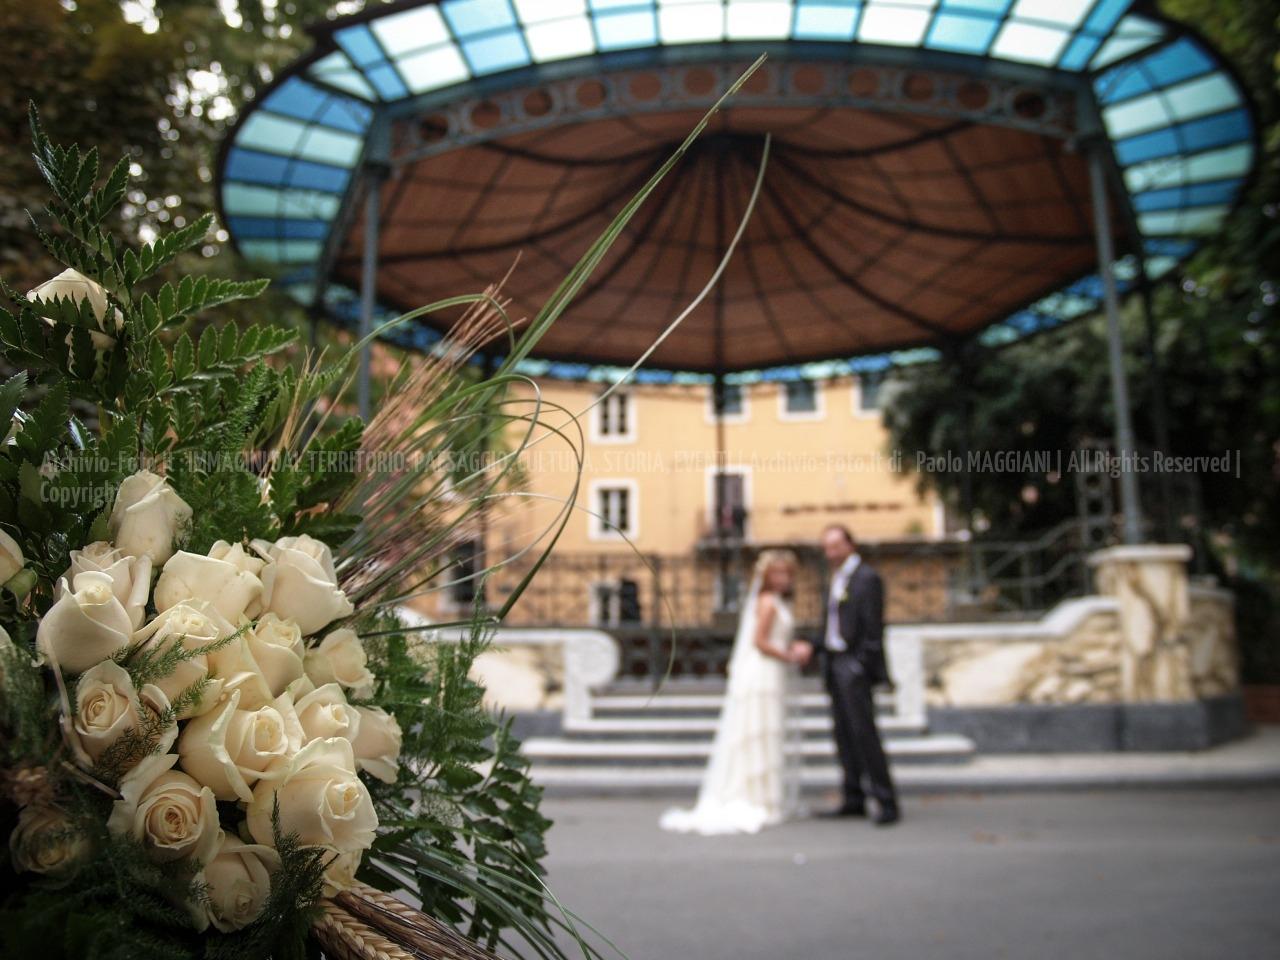 foto-229__24092005_beni-culturali-Carrara-marmo-matrimonio-palco-della-musica-Paolo-Maddy